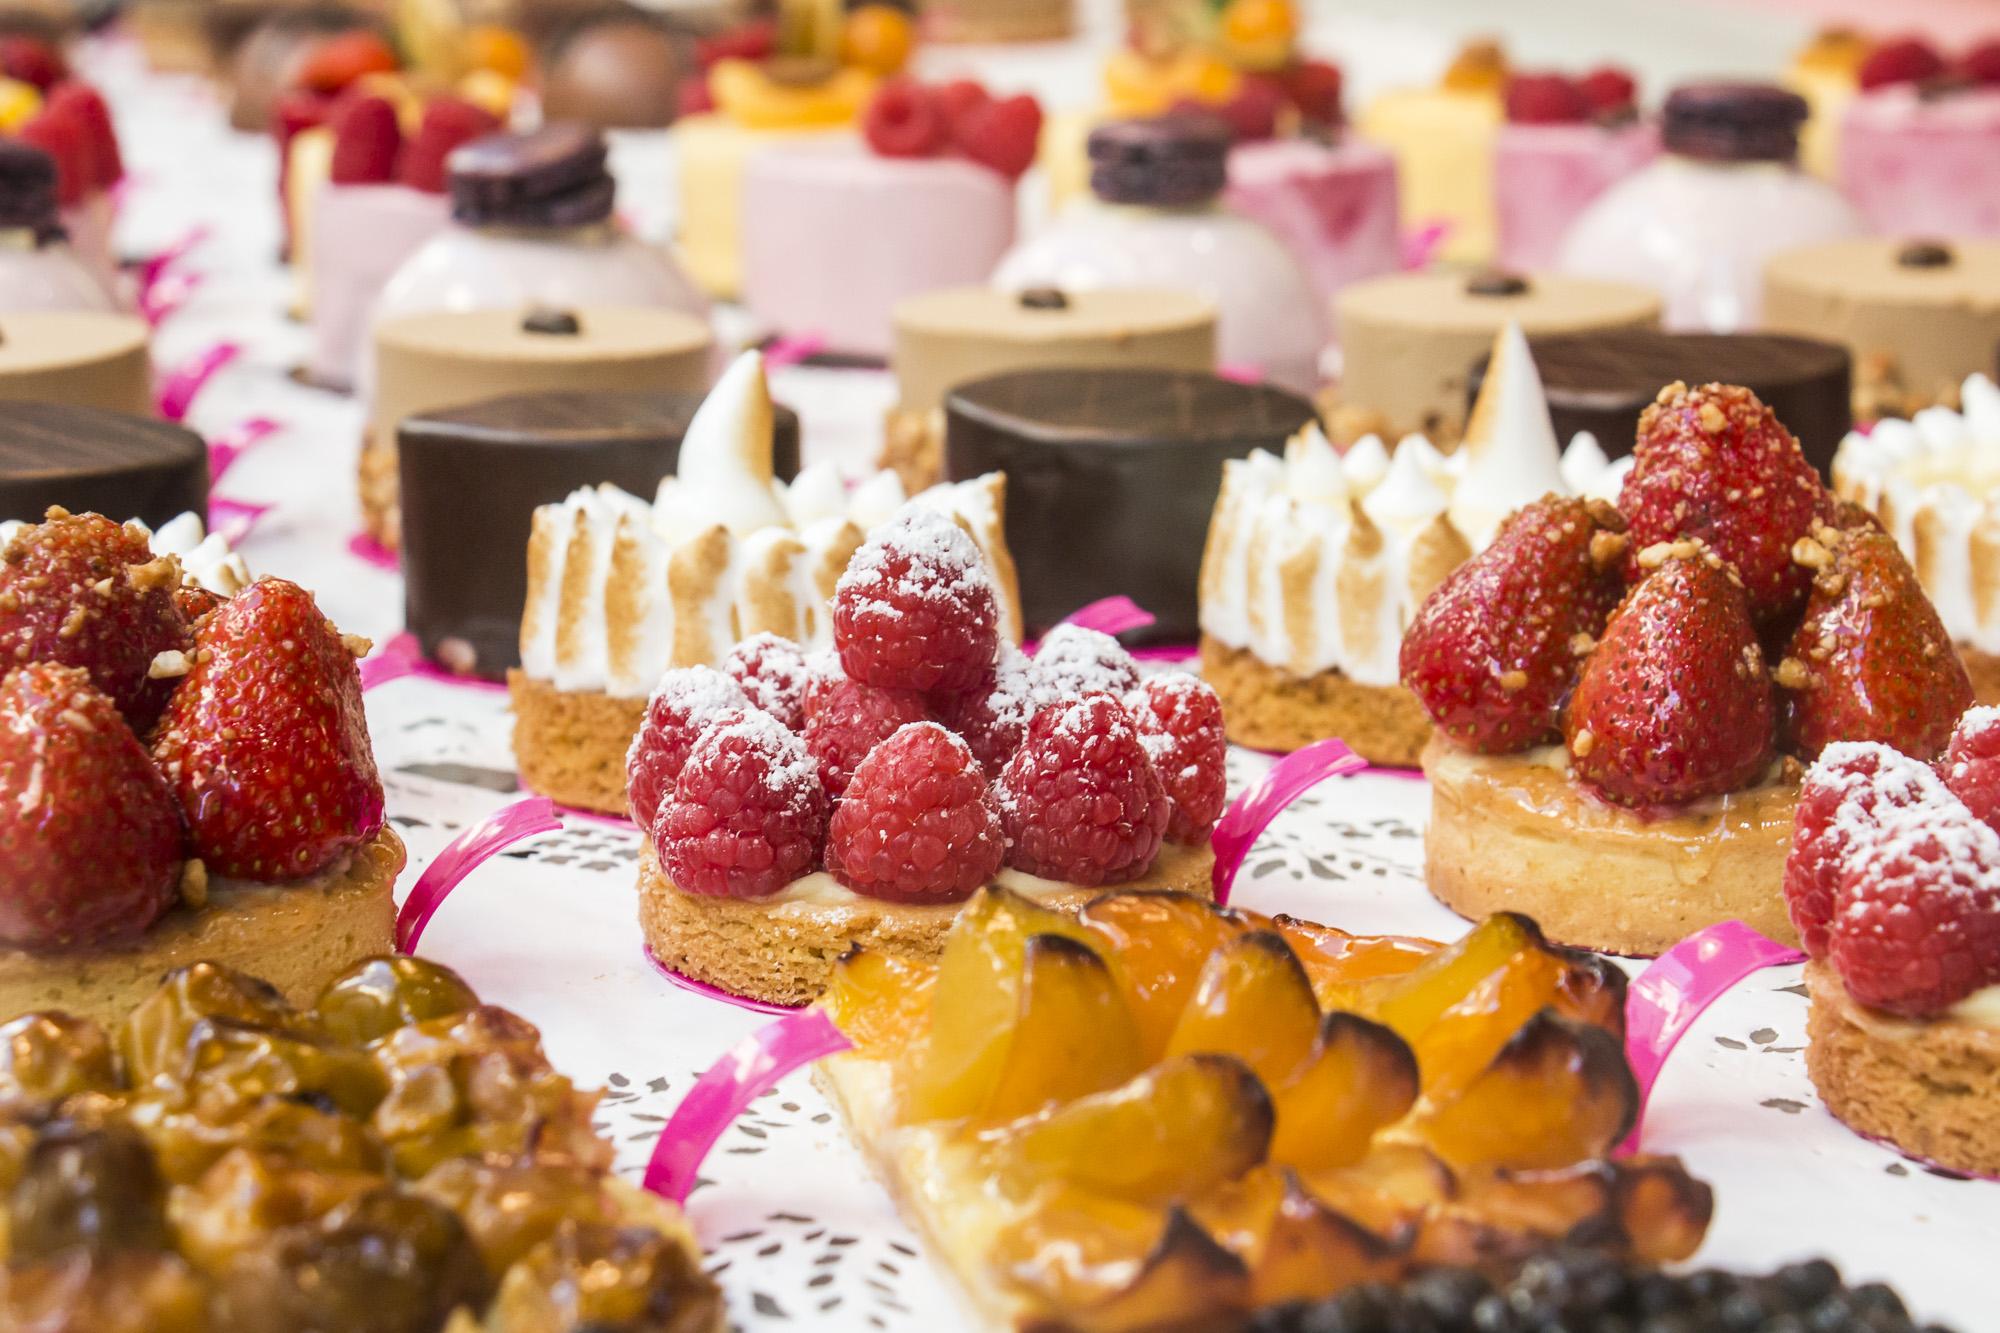 Pâtisserie Grenoble